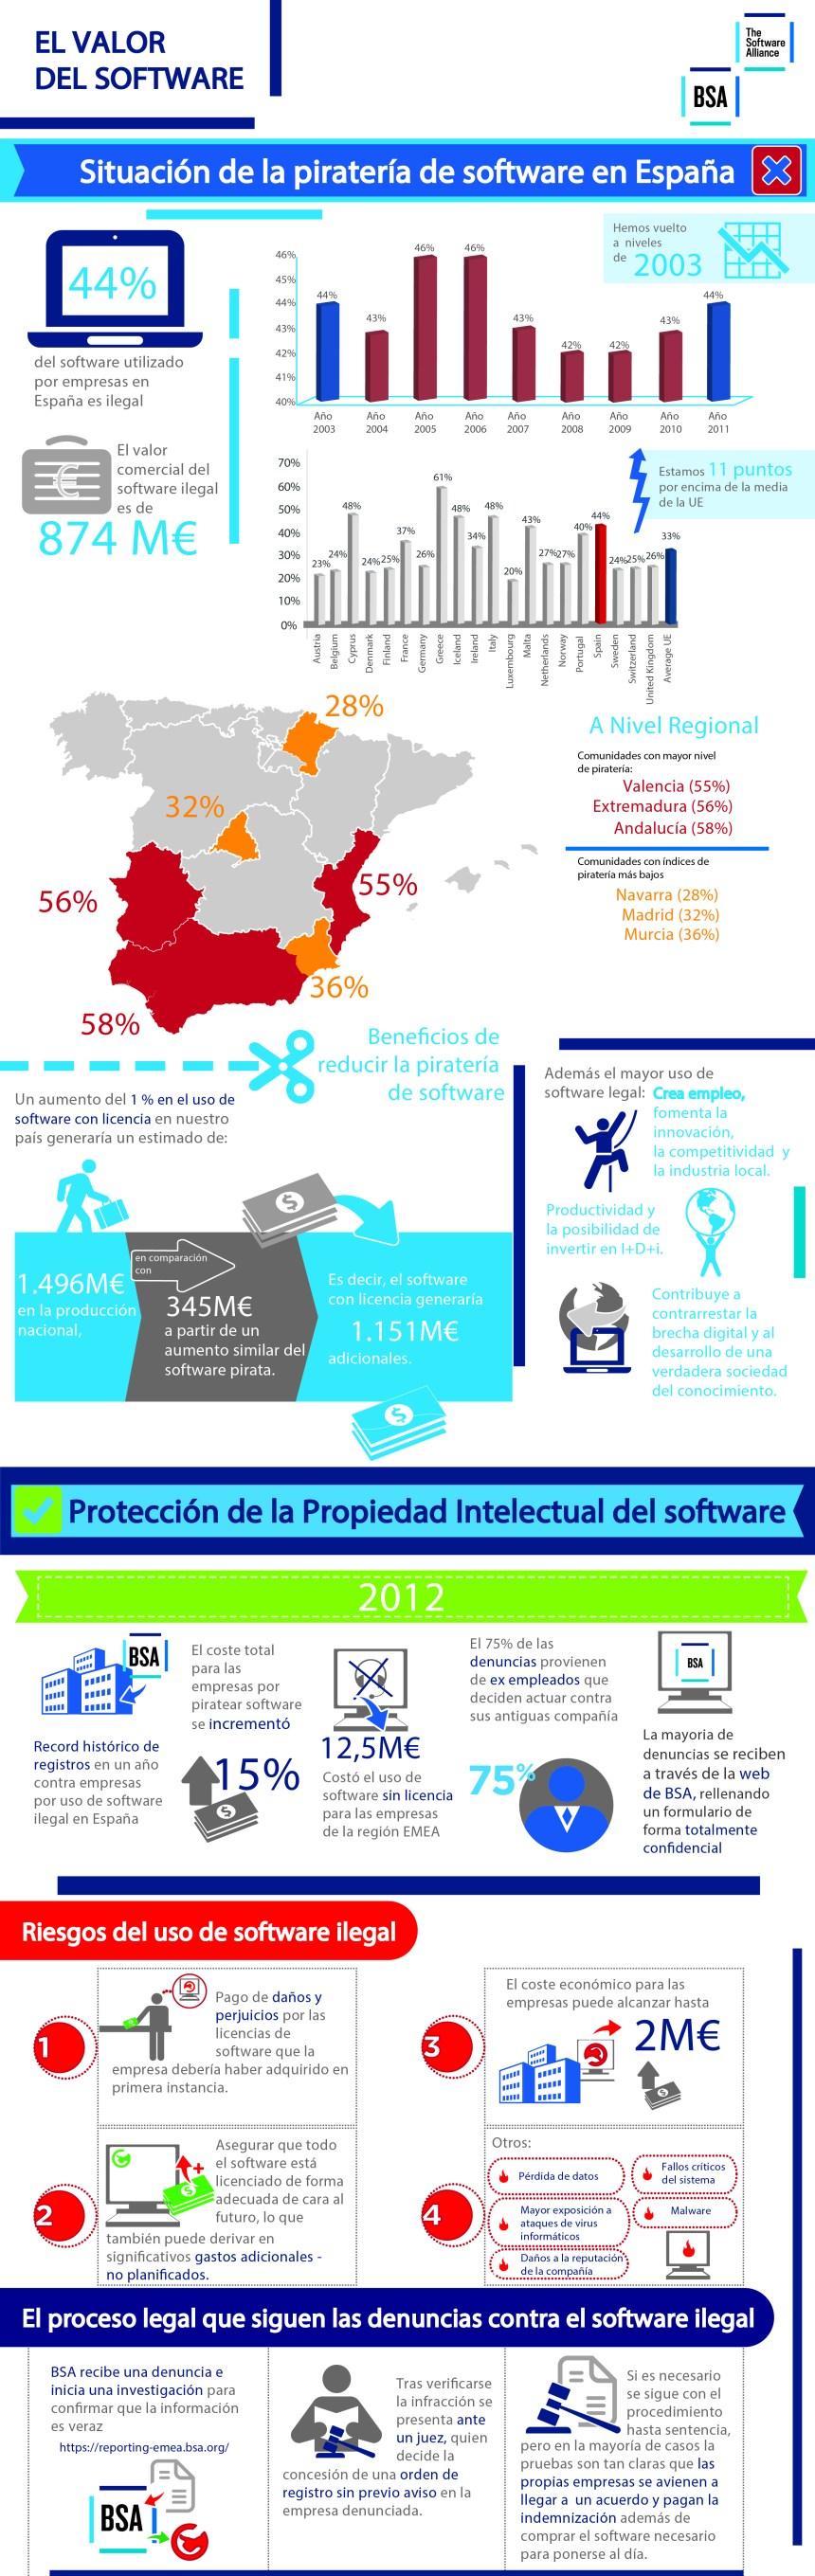 Situación de la piratería de software en España